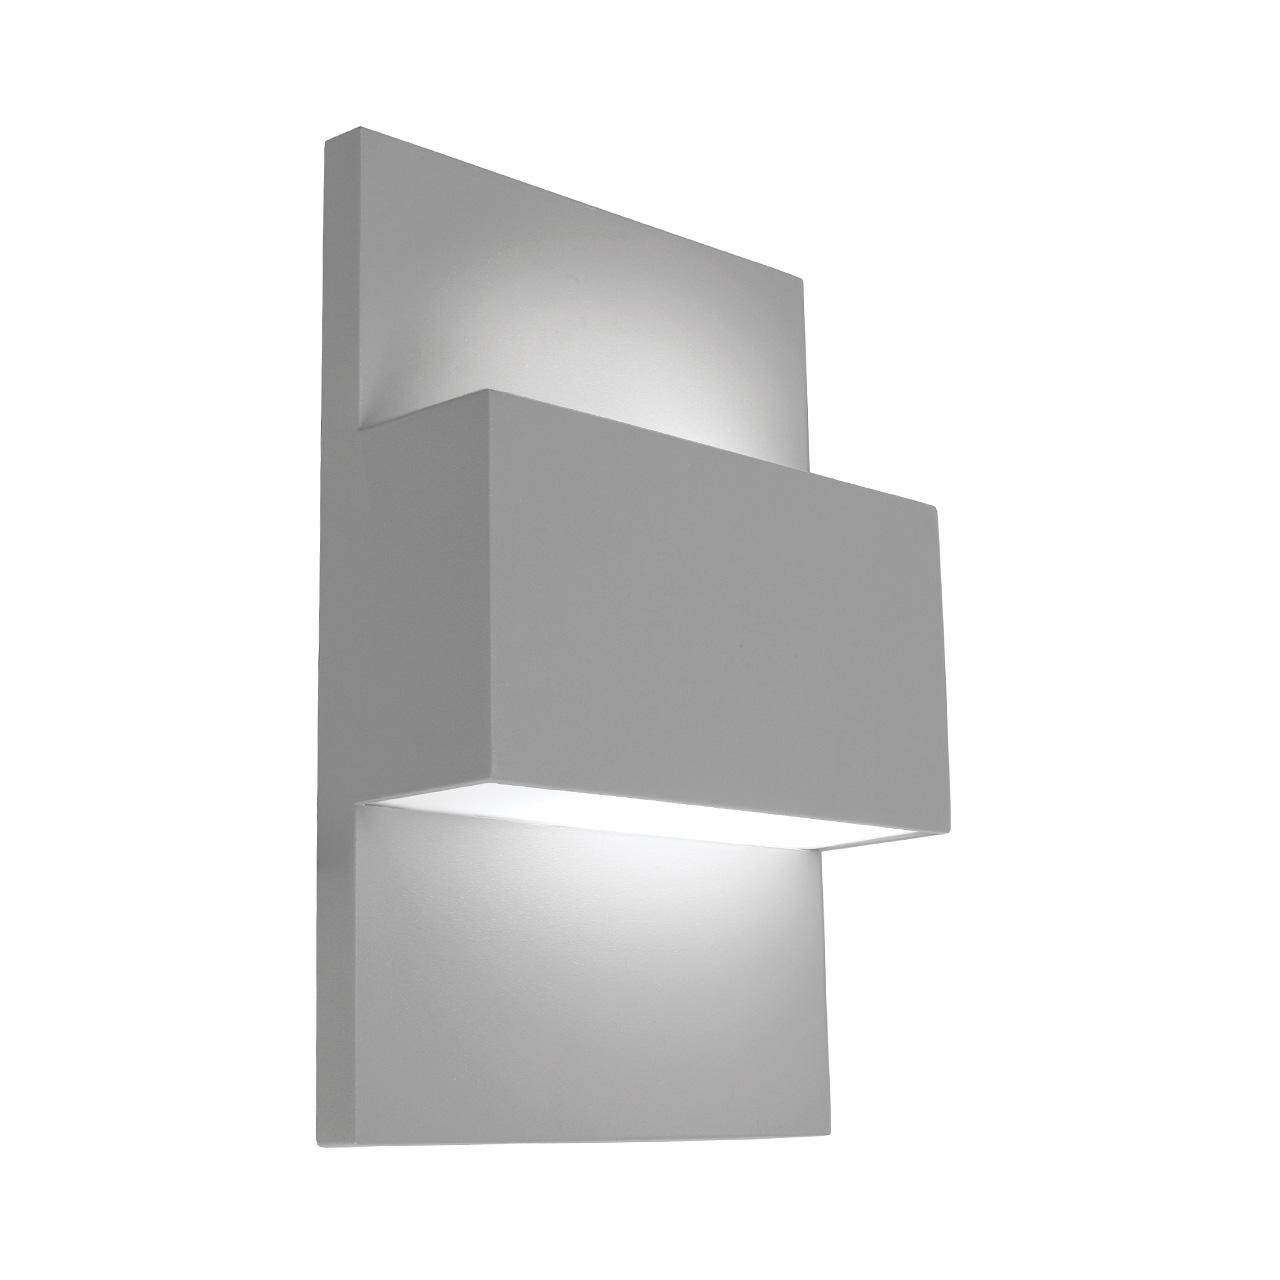 Applique Extérieure Eclairage Haut Et Bas applique rectangulaire extérieure murale éclairage haut et